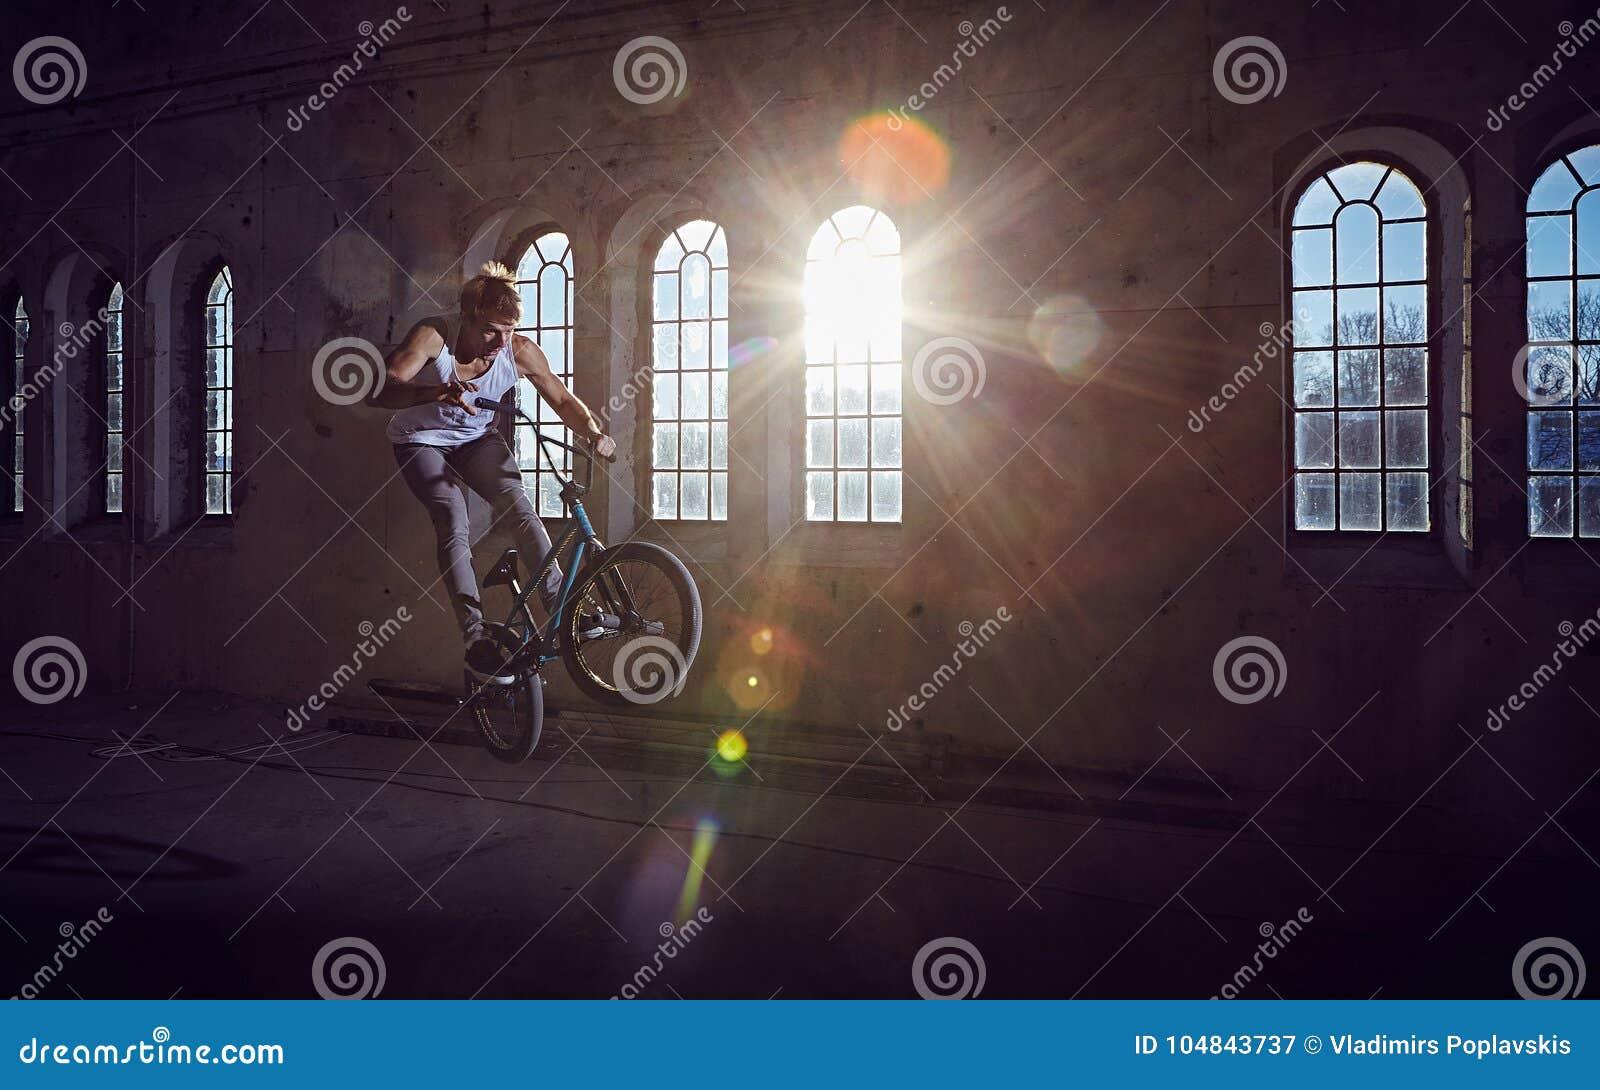 BMX-Bremsung und Sprungsreiten in einer Halle mit Sonnenlicht